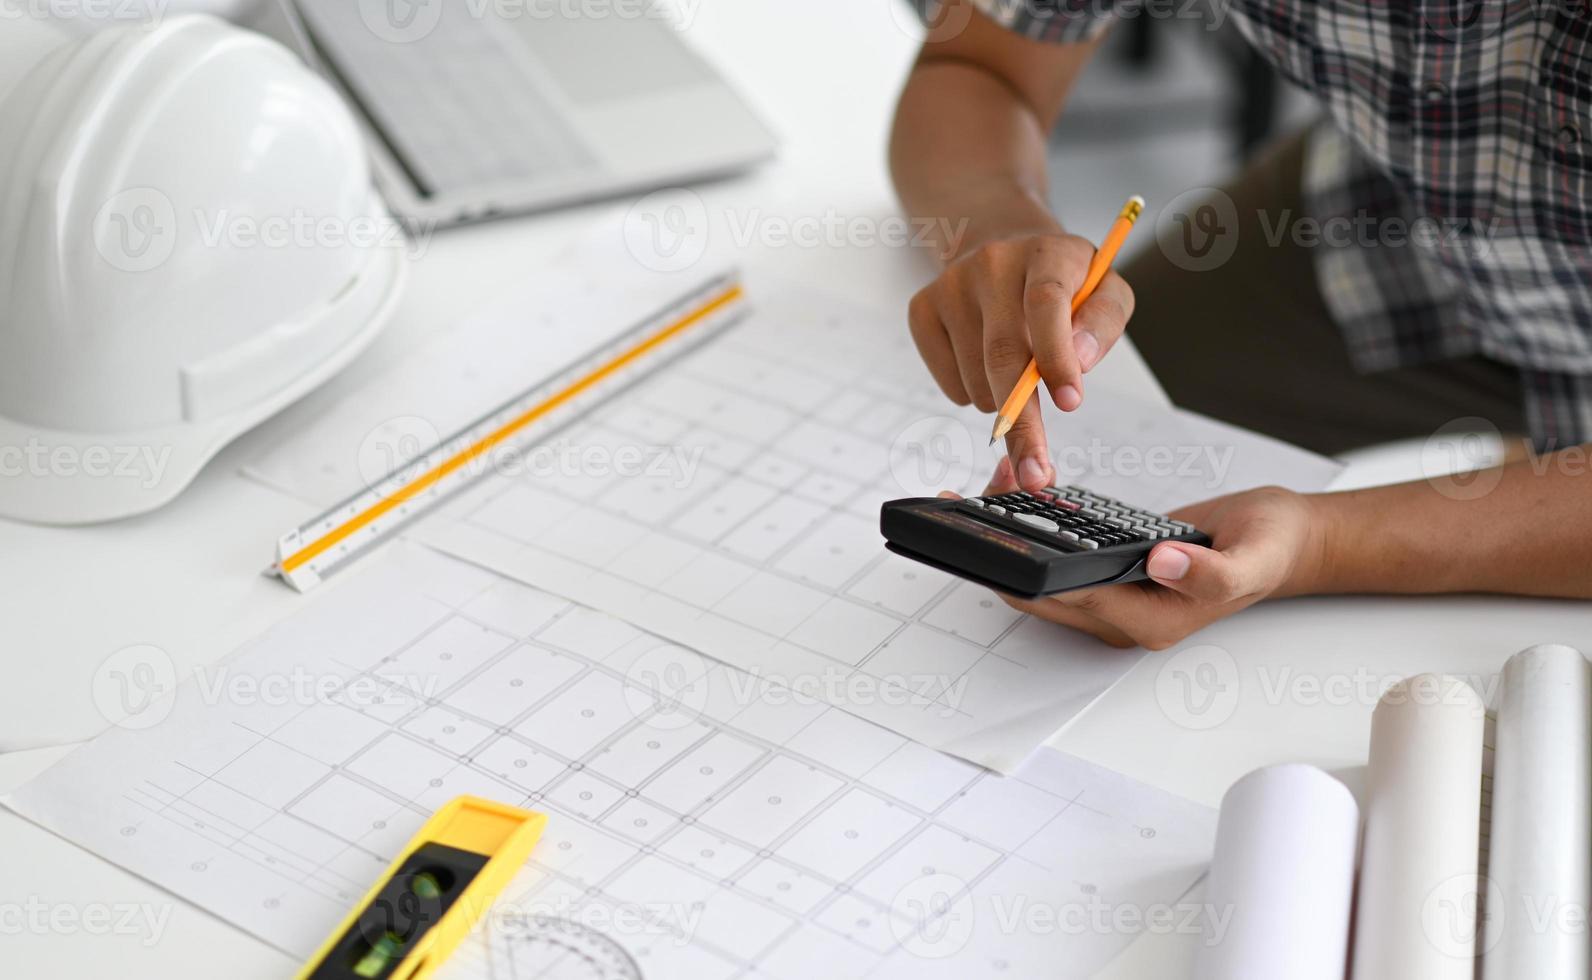 arkitekter använder en kalkylator för att uppskatta kostnaden för husplaner. foto